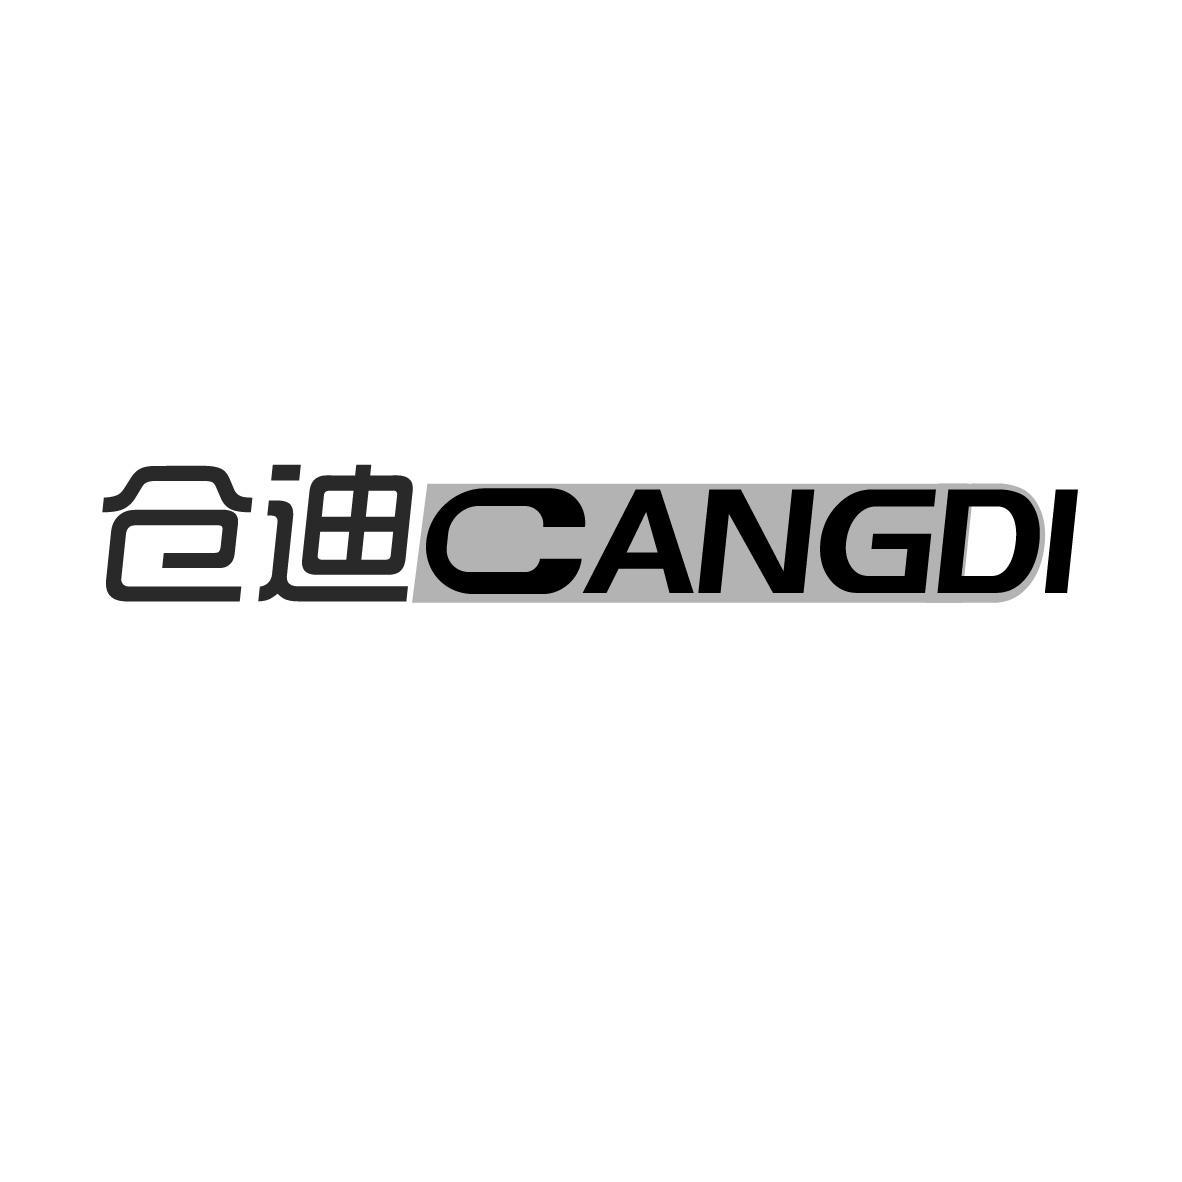 仓迪 CANGDI